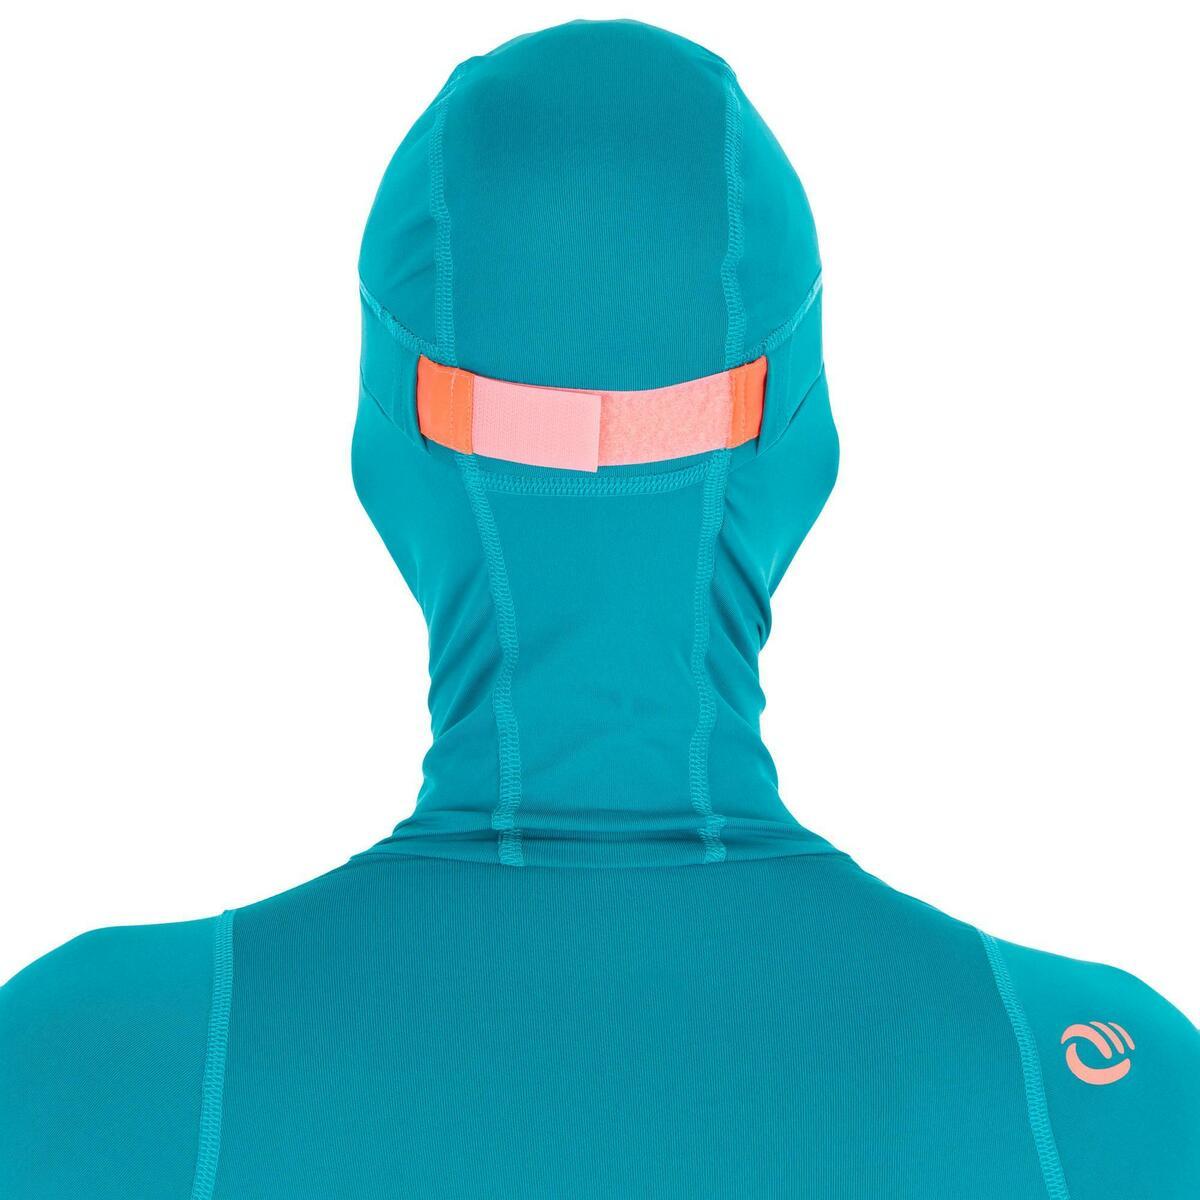 Bild 4 von UV-Shirt Surfen Top 500 mit Kapuze Damen blau/grün